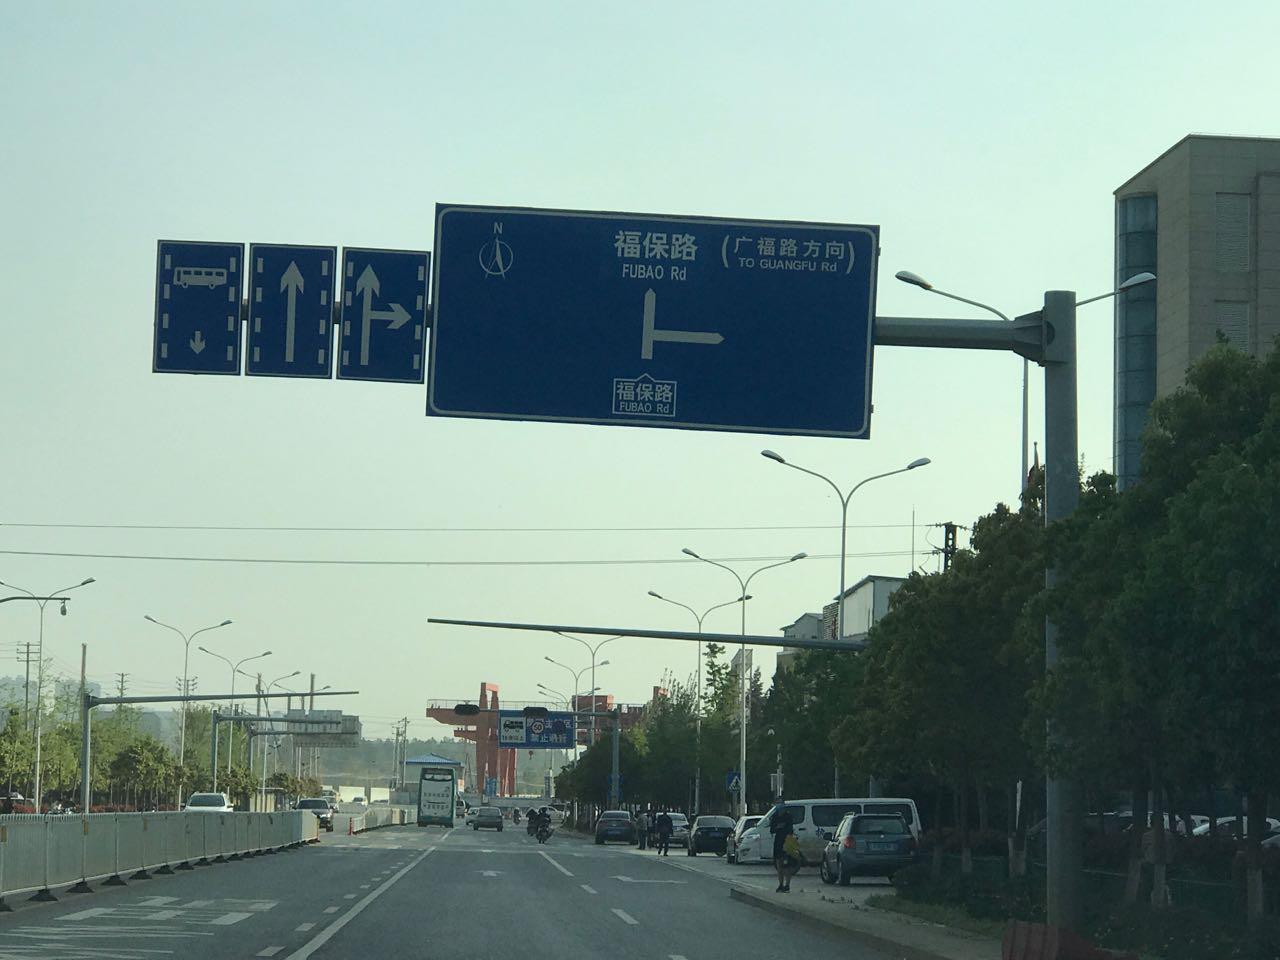 交通道路提示标识